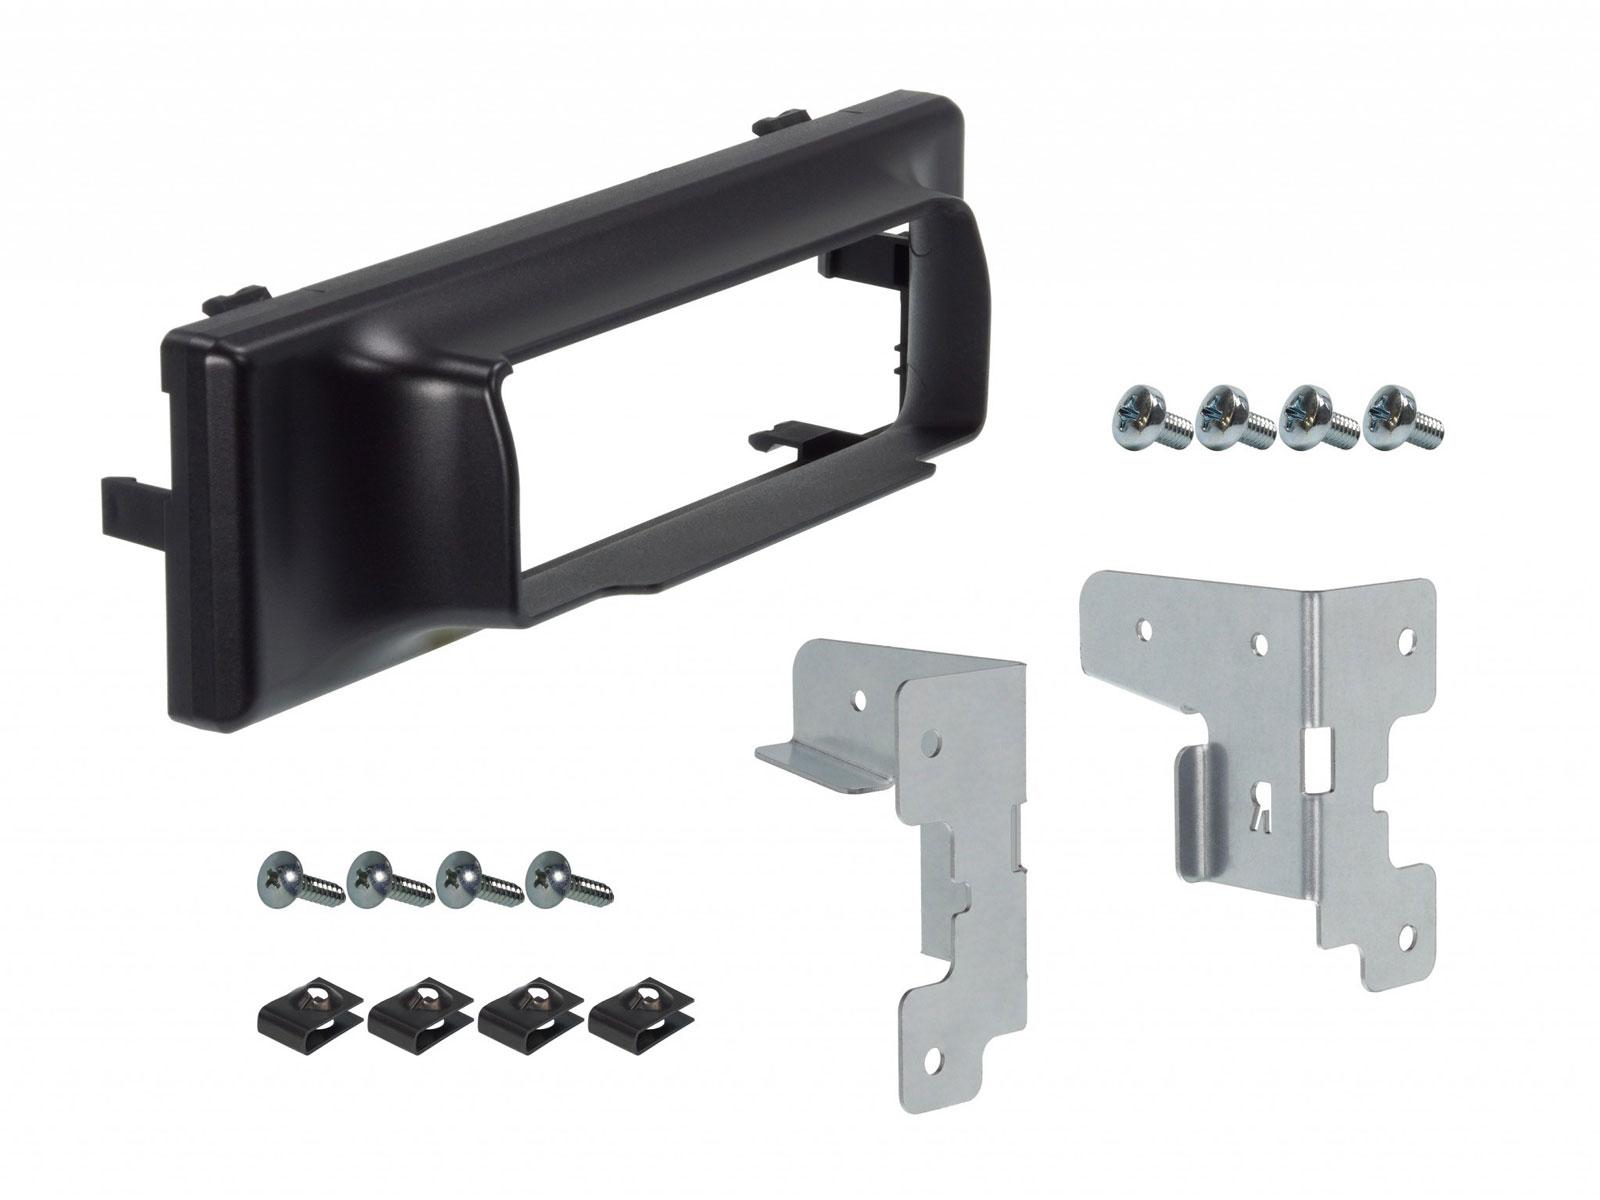 Alpine KIT-F9VW-CRA Einbaurahmen VW Crafter für iLX-F903D und INE-F904D